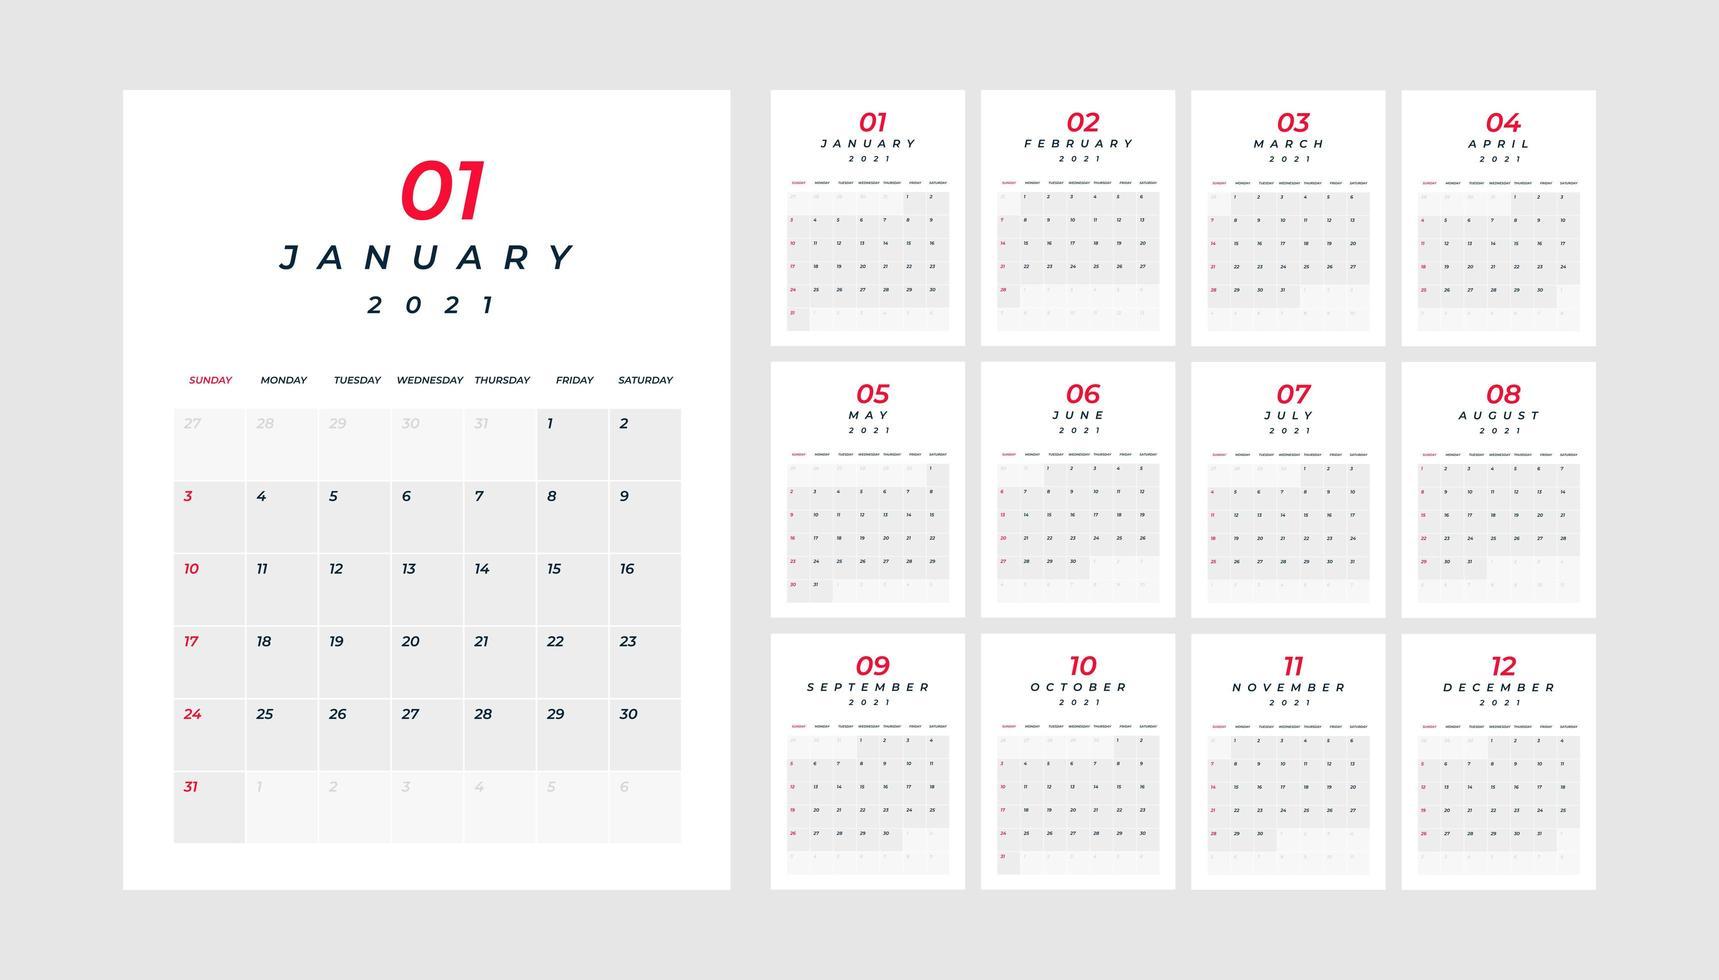 calendrier 2021, 12 mois dans un tableau minimal propre vecteur